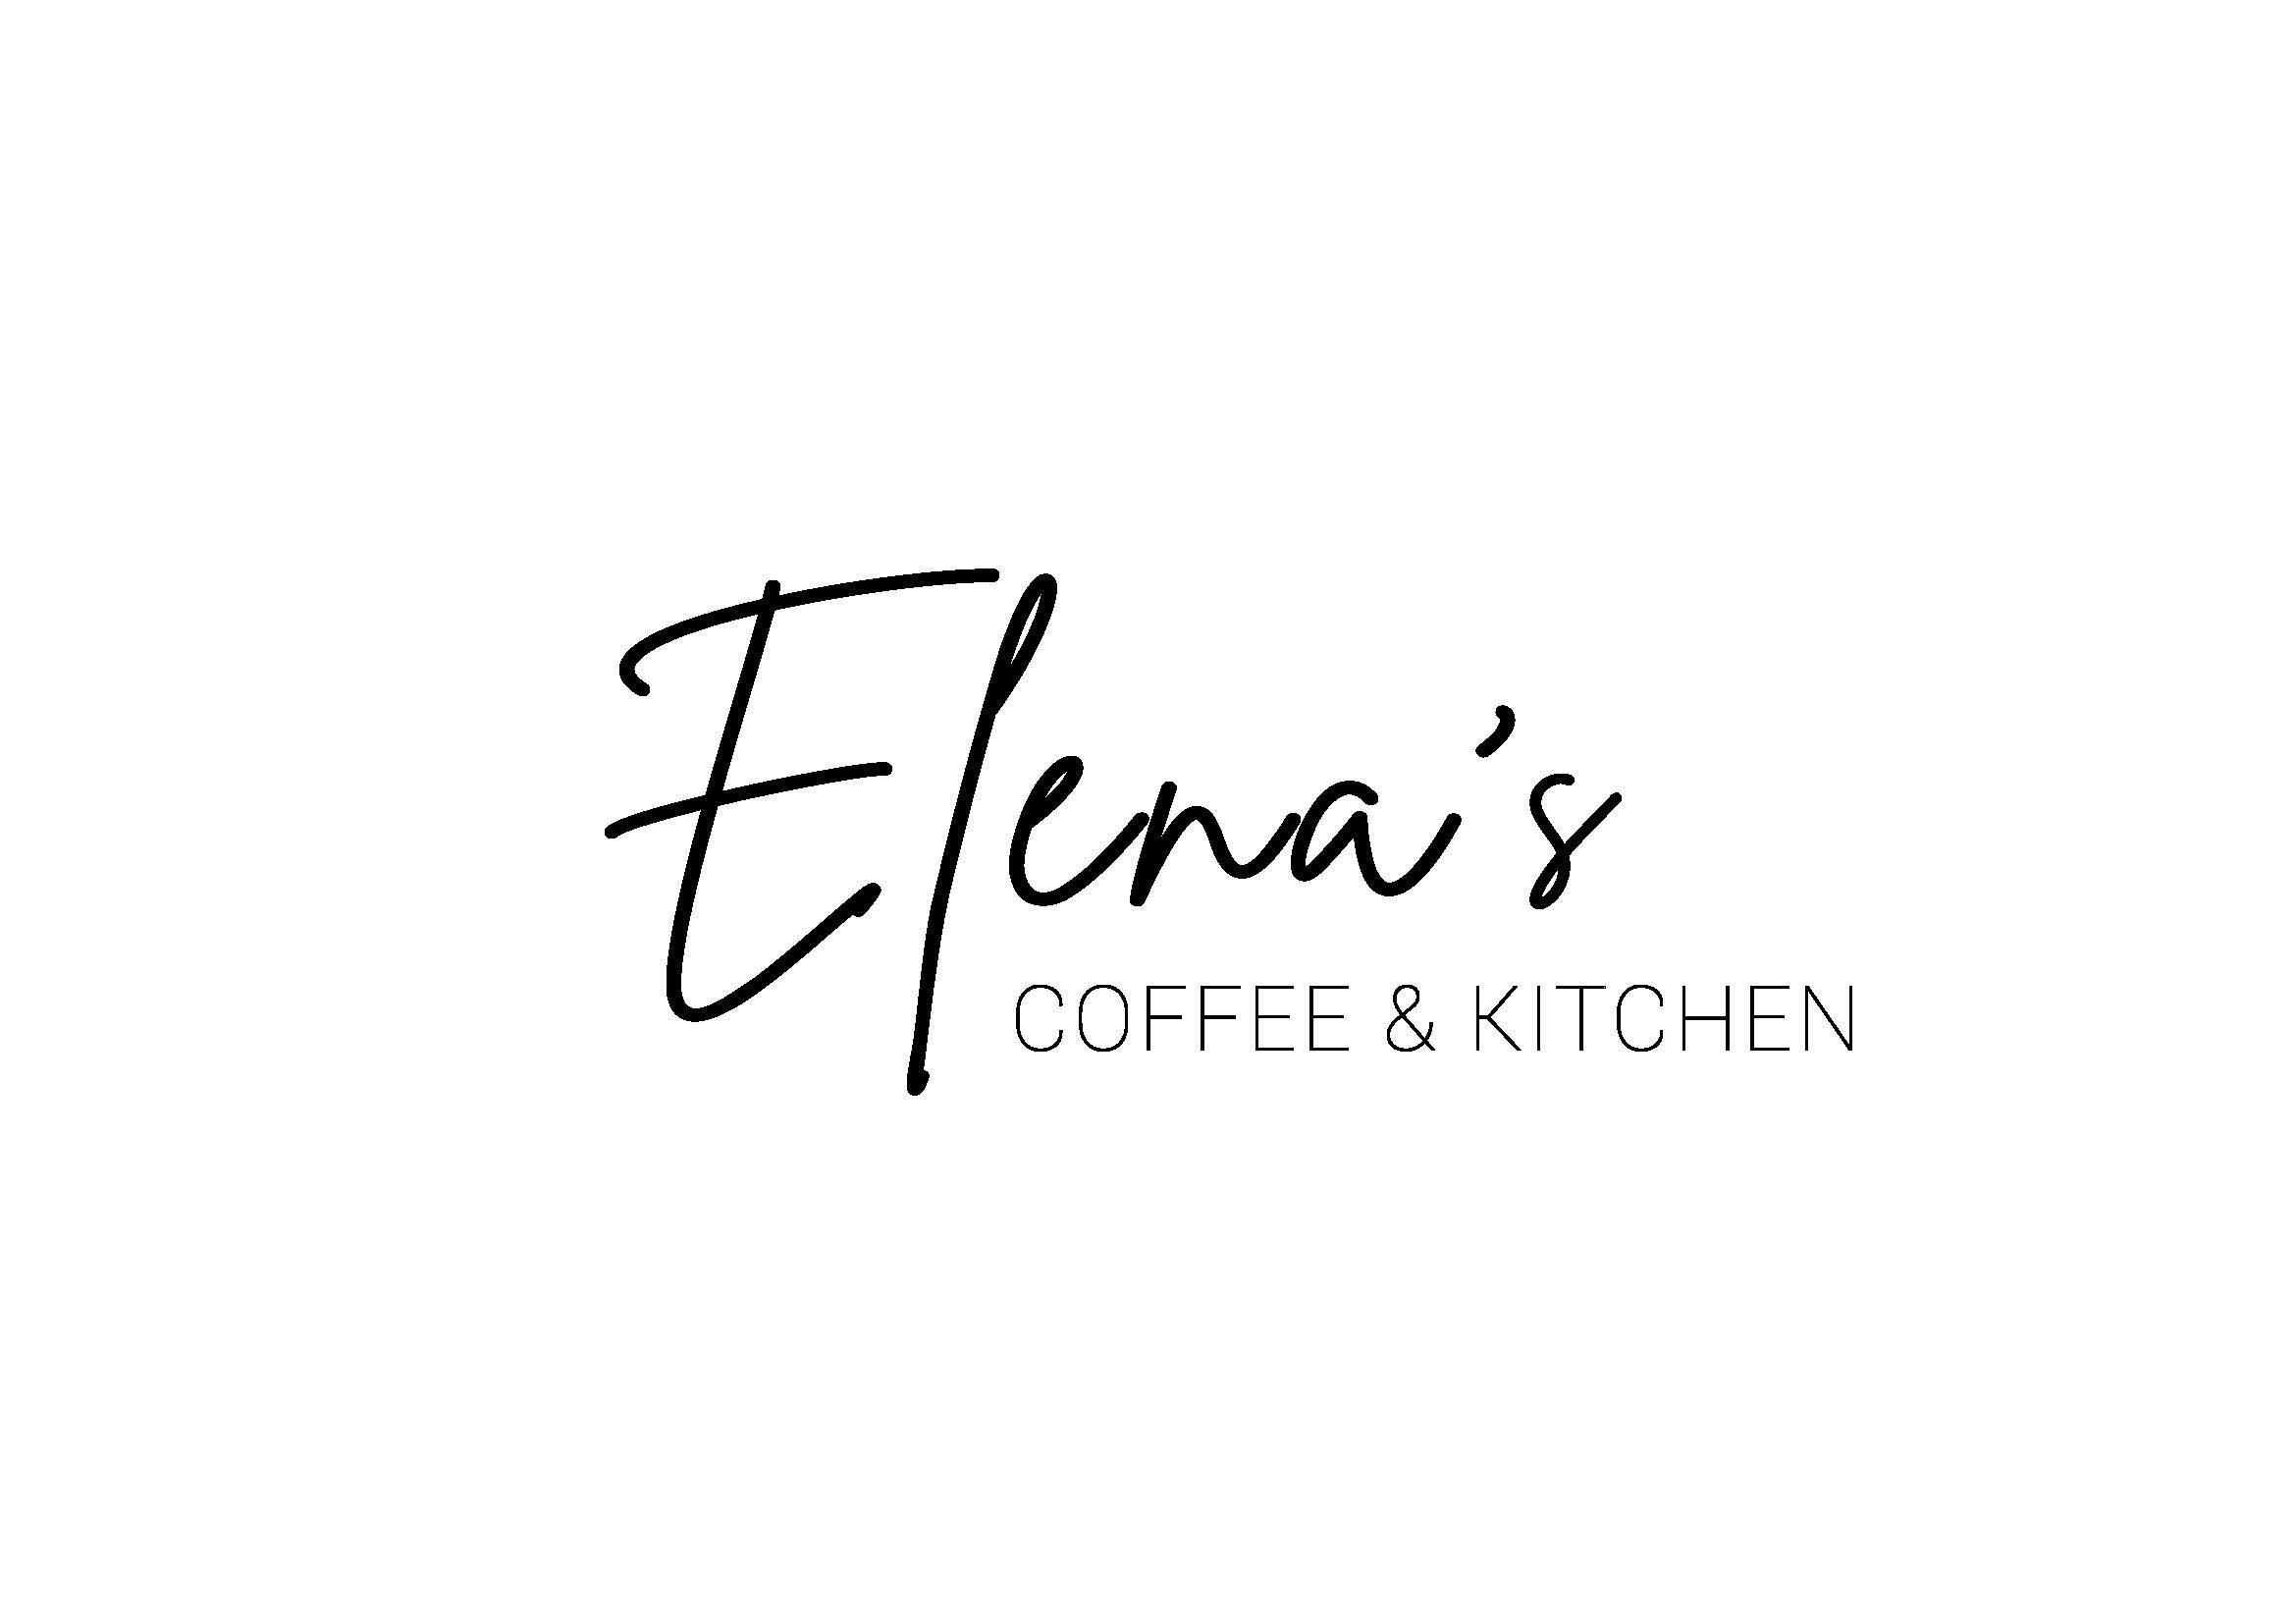 Elena S Coffee Kitchen Vereinspromotion Deine Vorteilswelt Als Vereins Mitglied